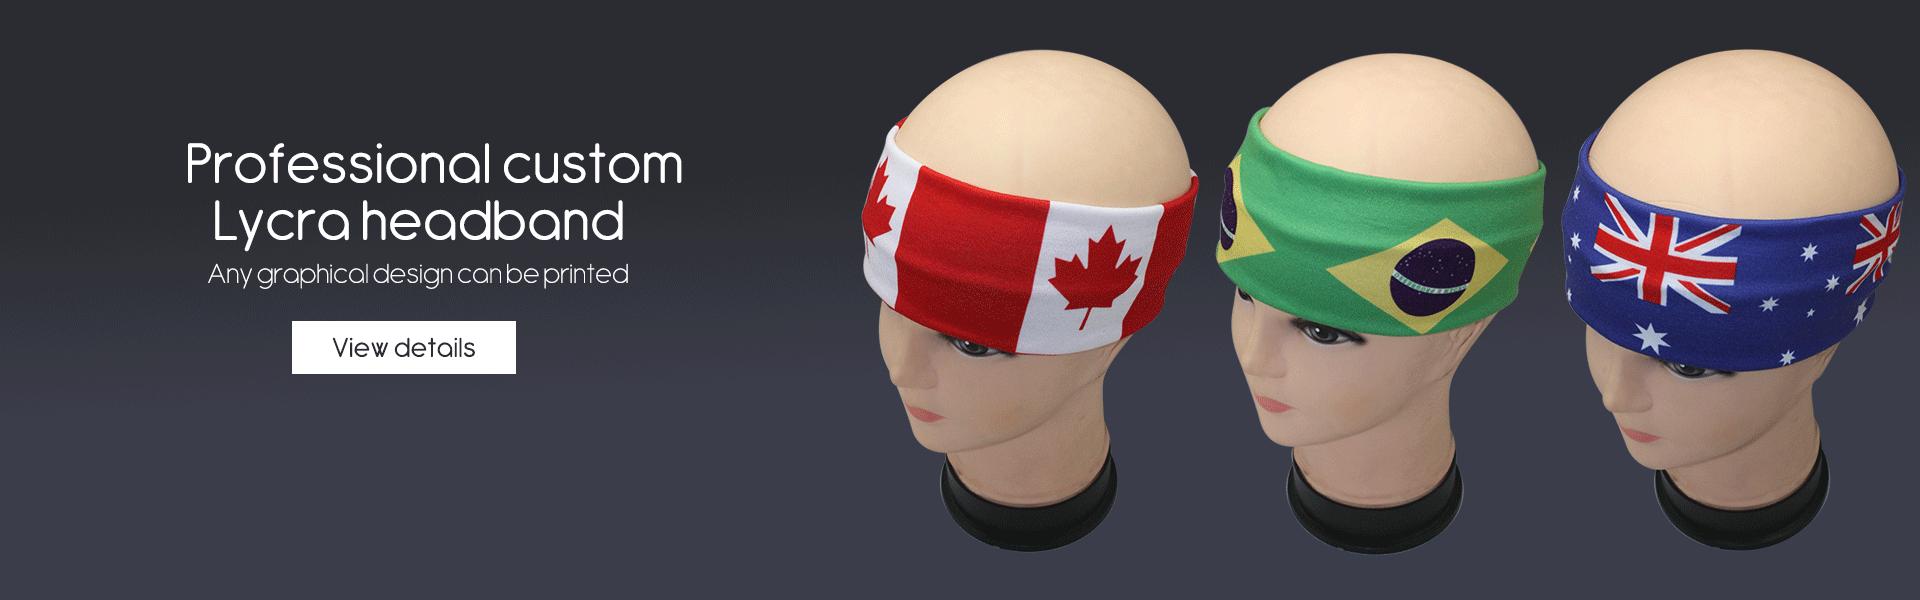 Lycra headband